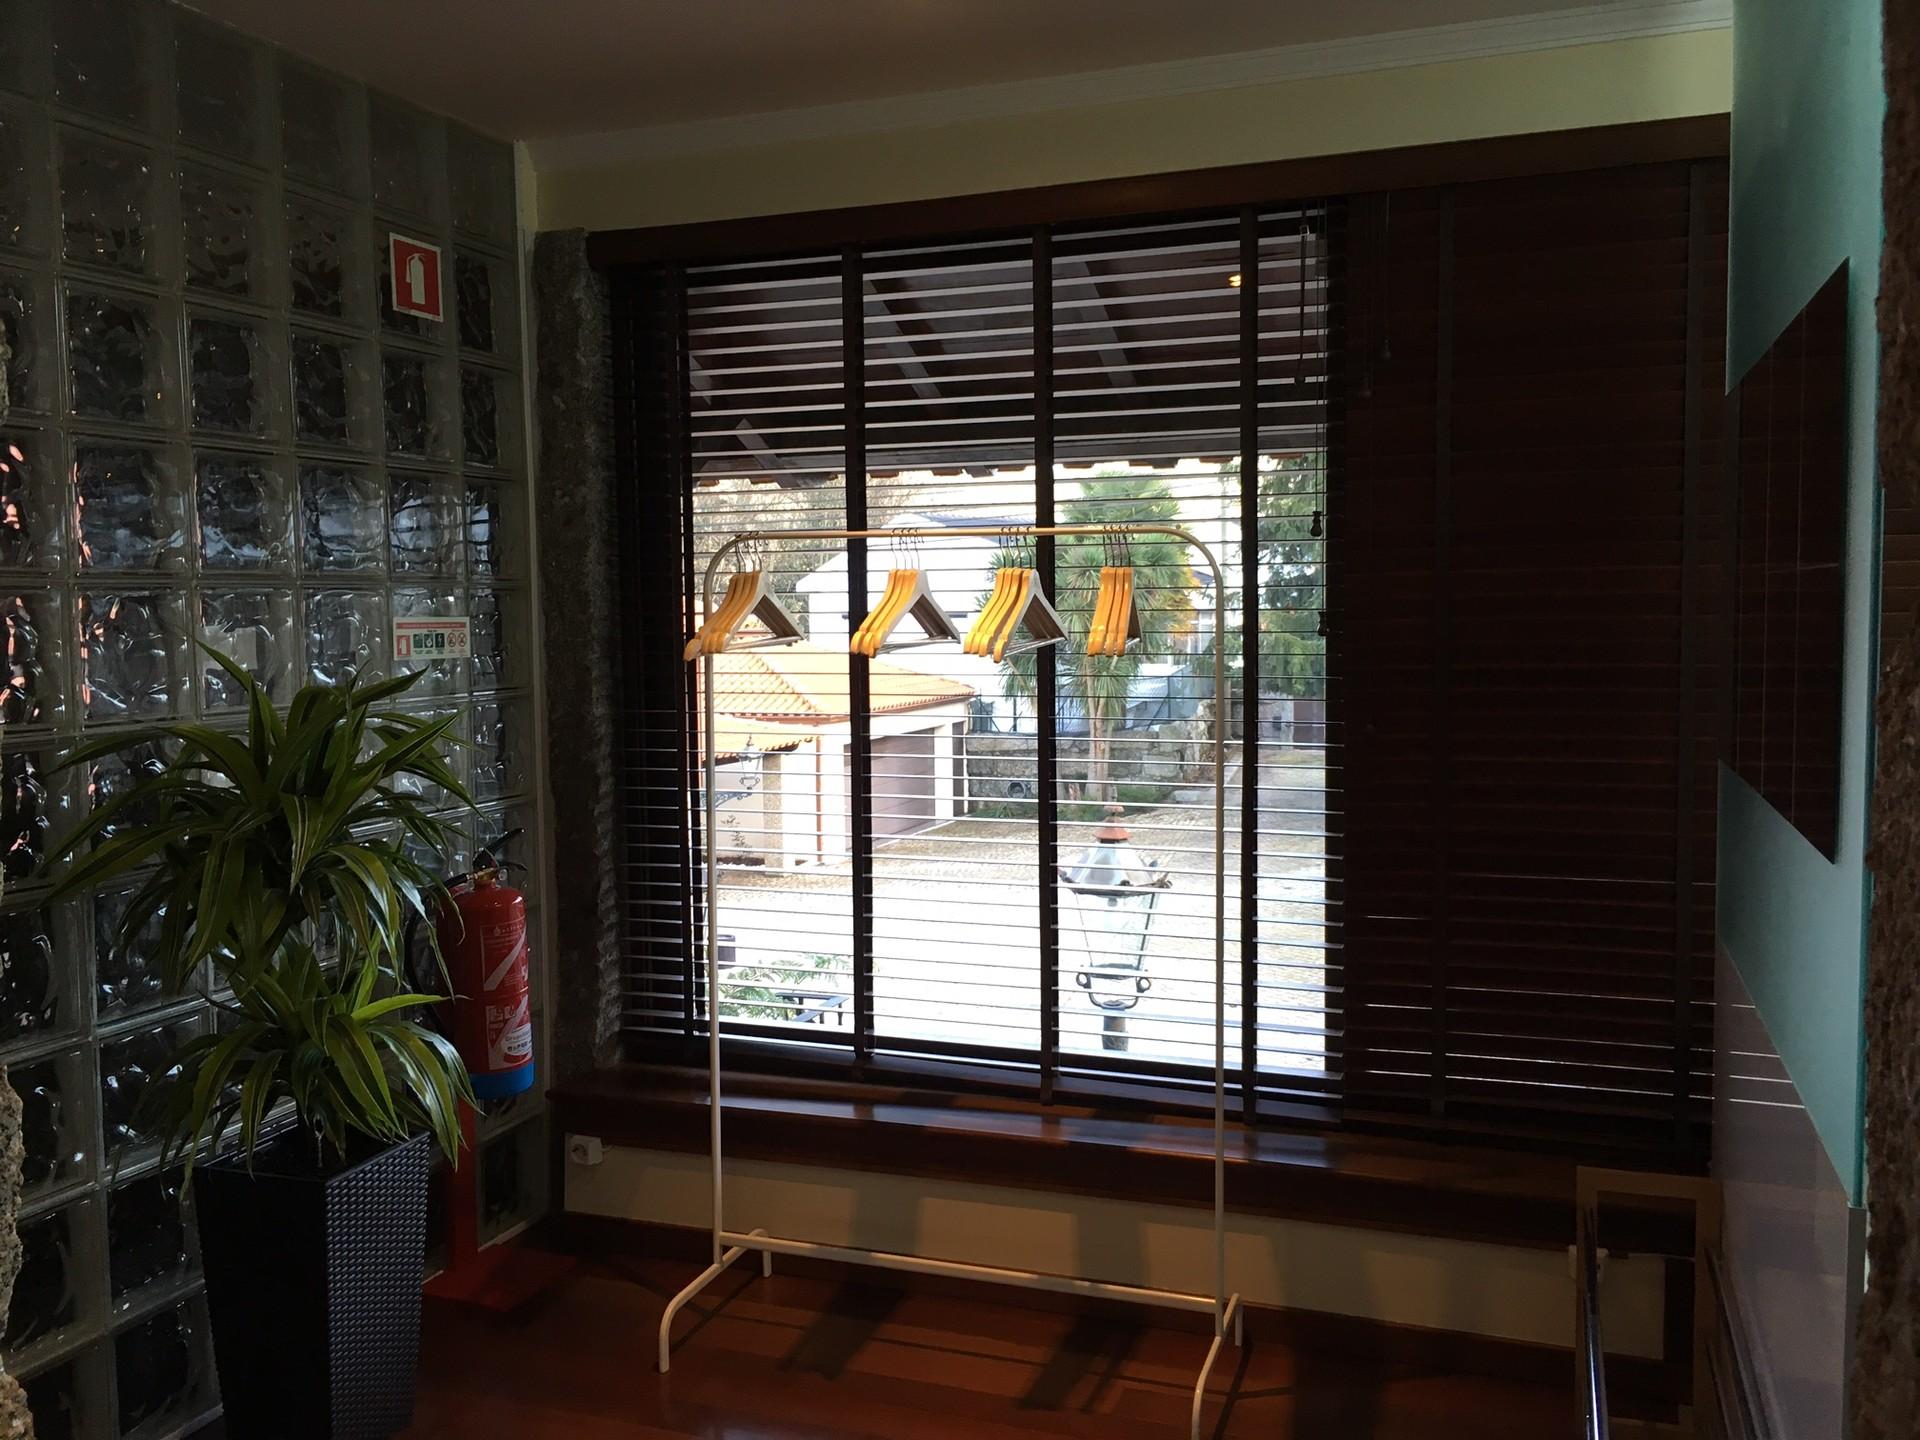 Aluguer de Cama em Quarto com beliche e w.c.